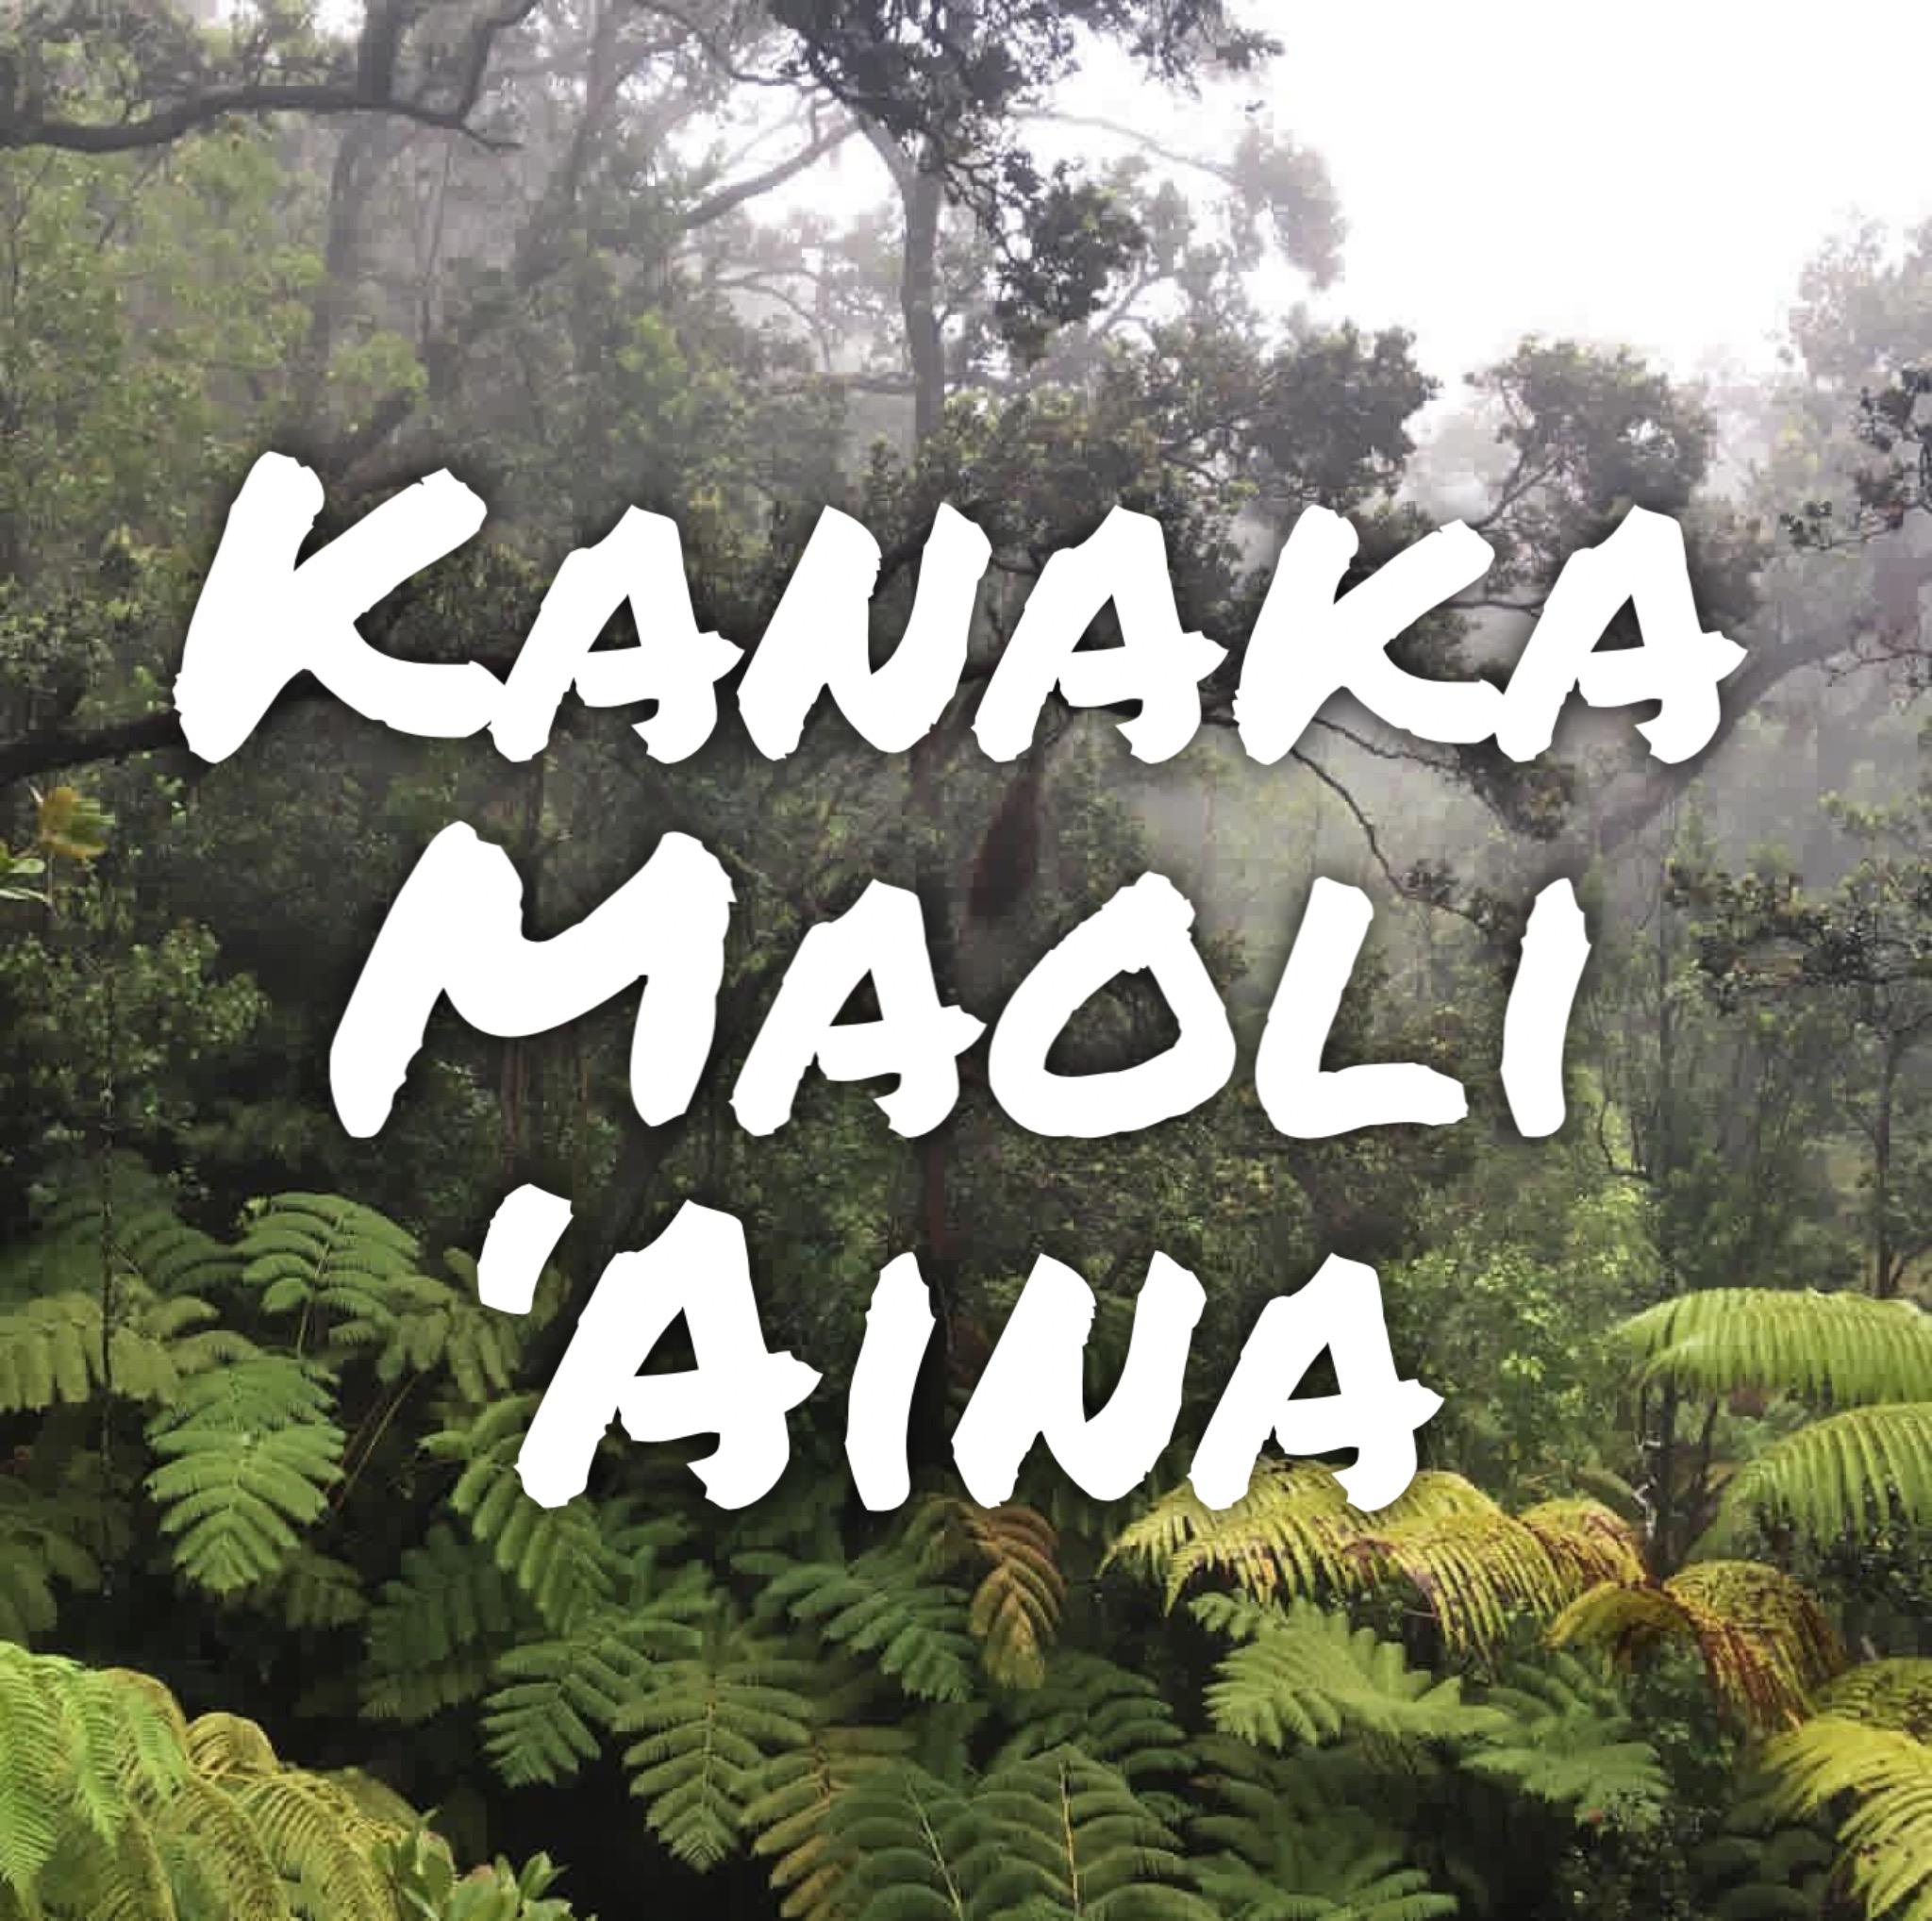 Kanaka Maoli 'Aina